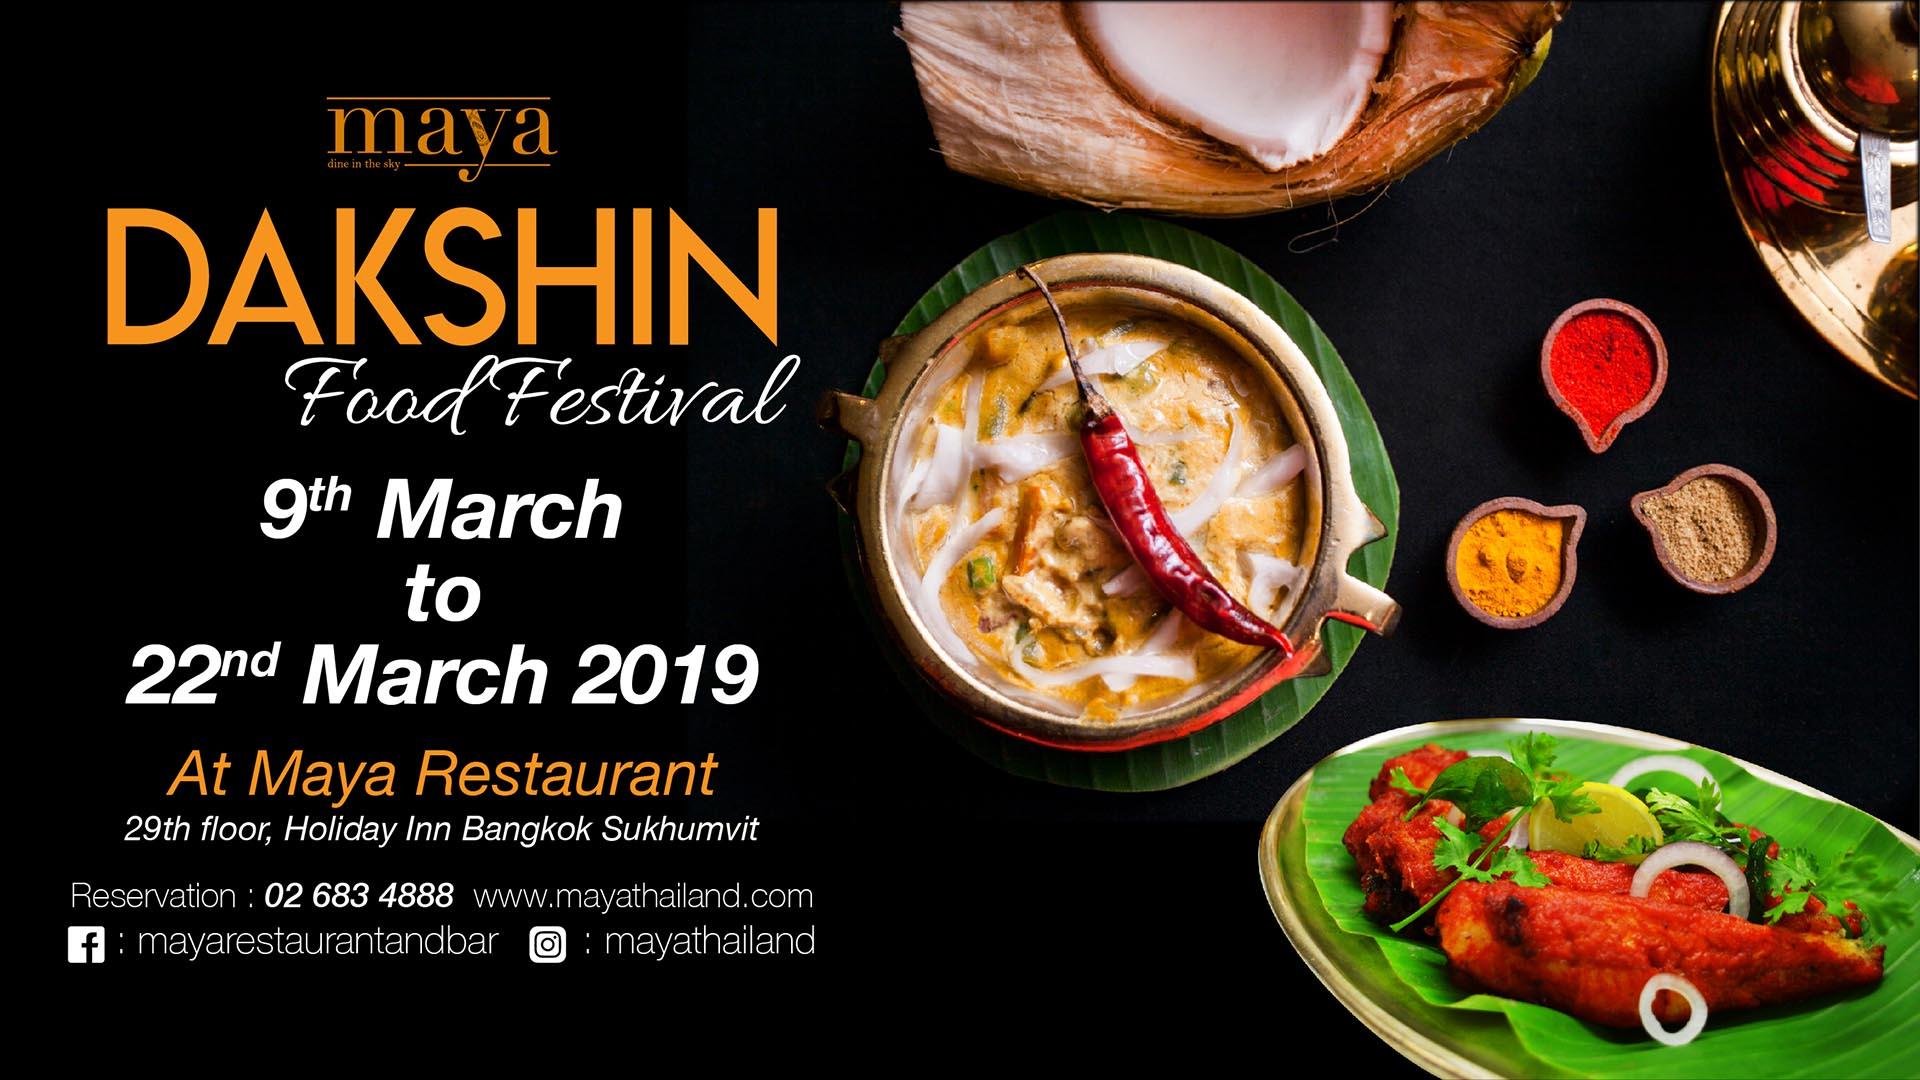 Dakshin Food Festival